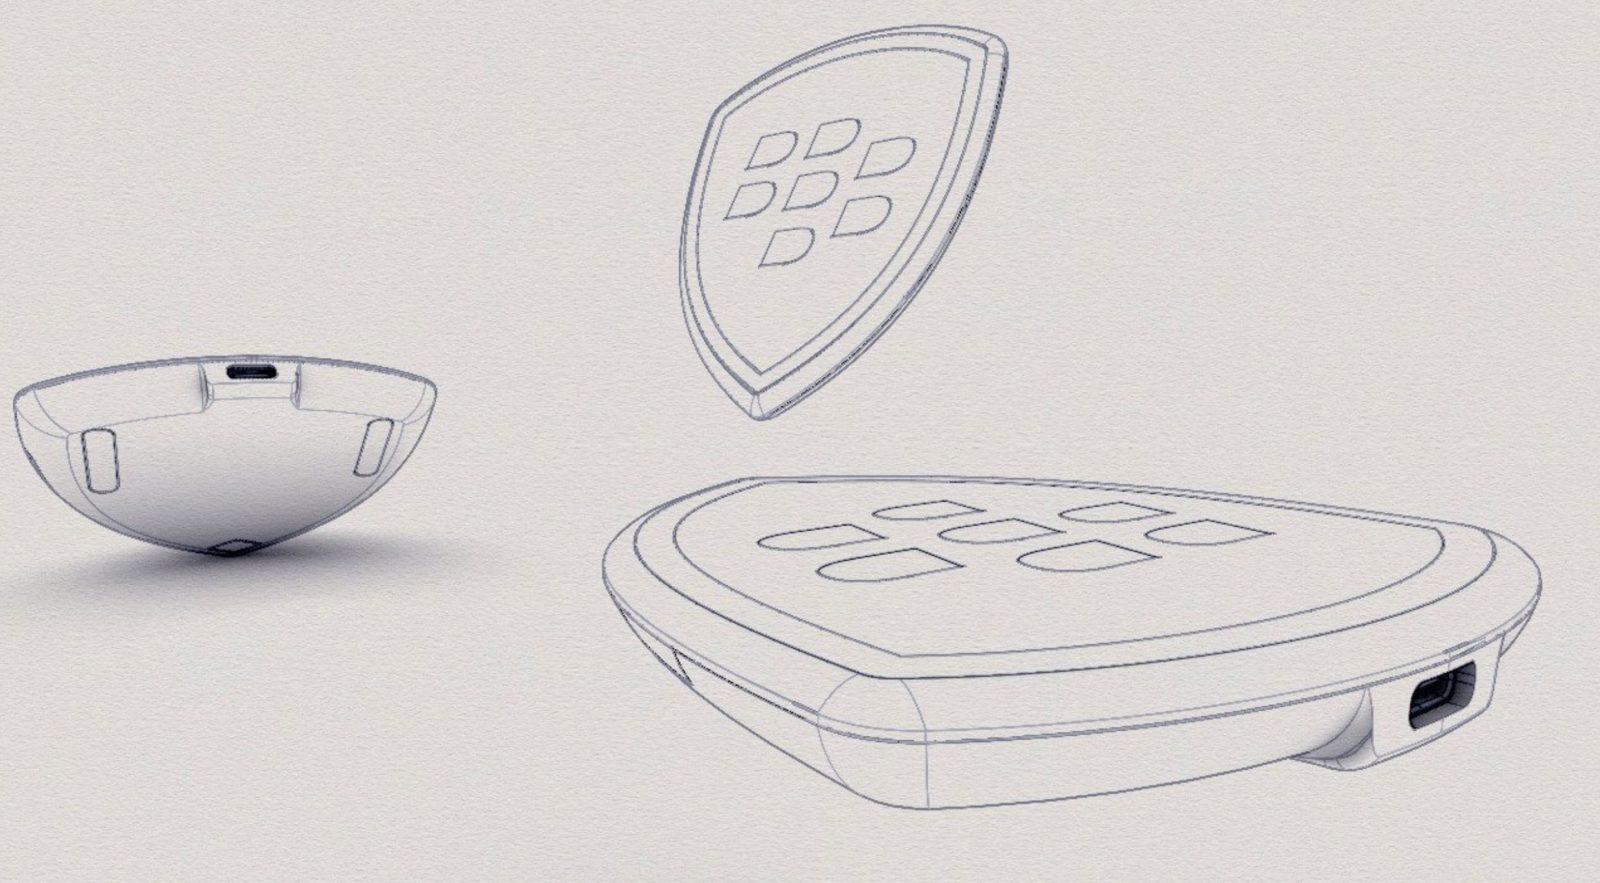 黑莓无线充电器设计草图